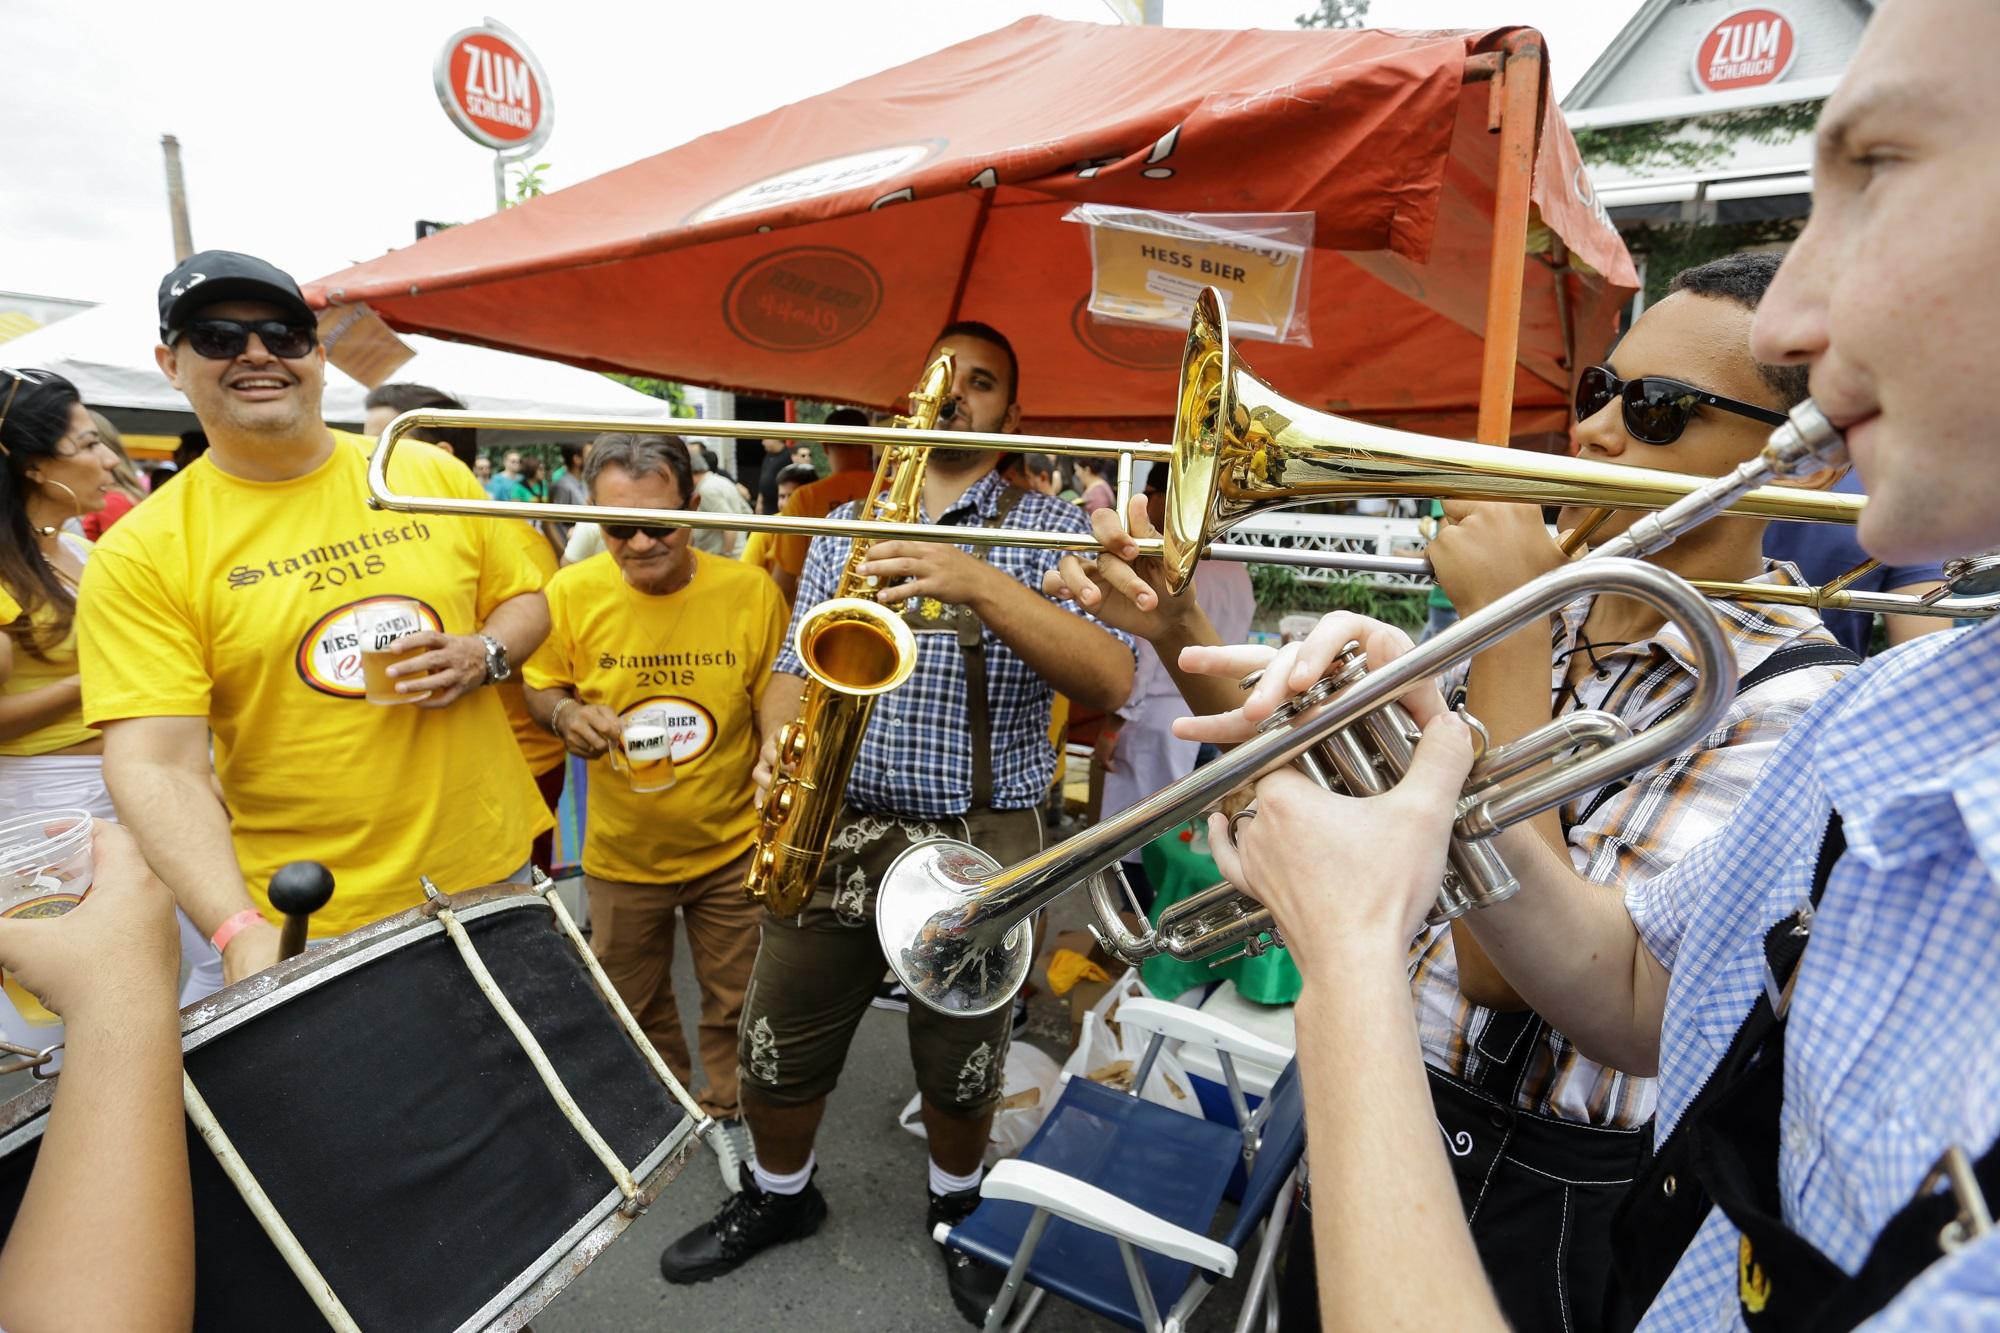 Amigos, gastronomia e muita música boa | Fotos Elton Costa/Divulgação/CDL Joinville